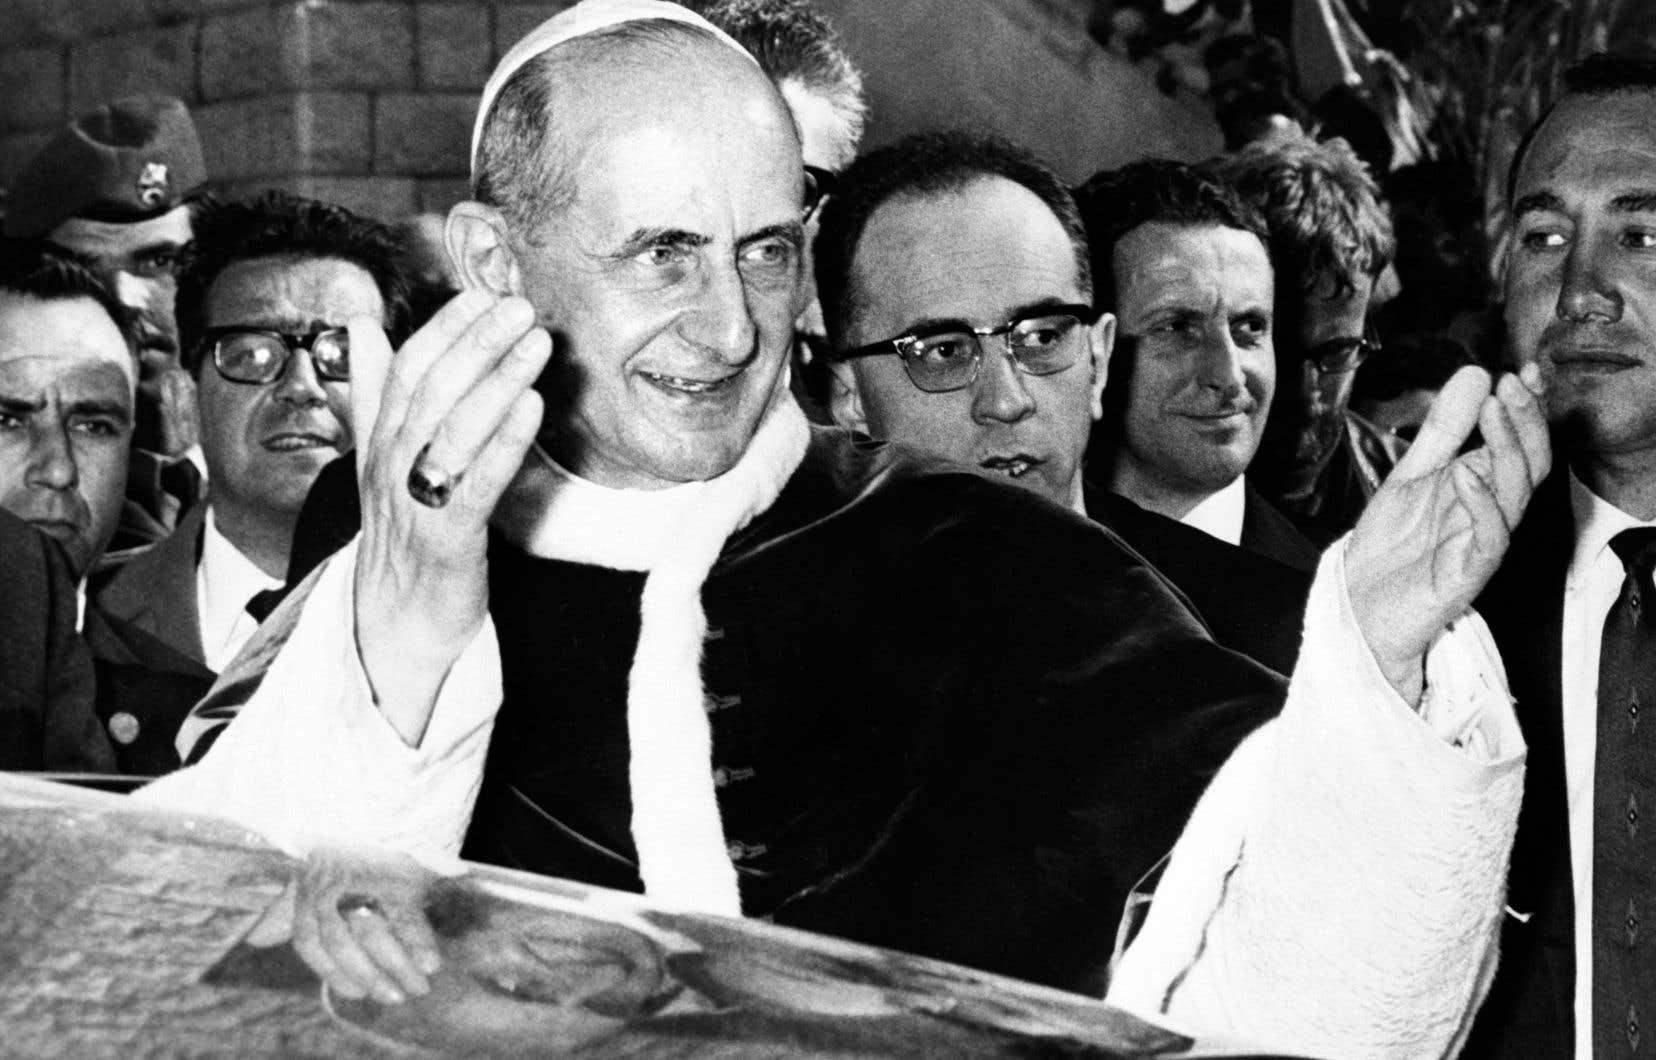 Le pape PaulVI a, par l'encyclique «Humanæ vitæ» (1968) contre le contrôle artificiel des naissances, donné un «coup de tonnerre» jugé réactionnaire.